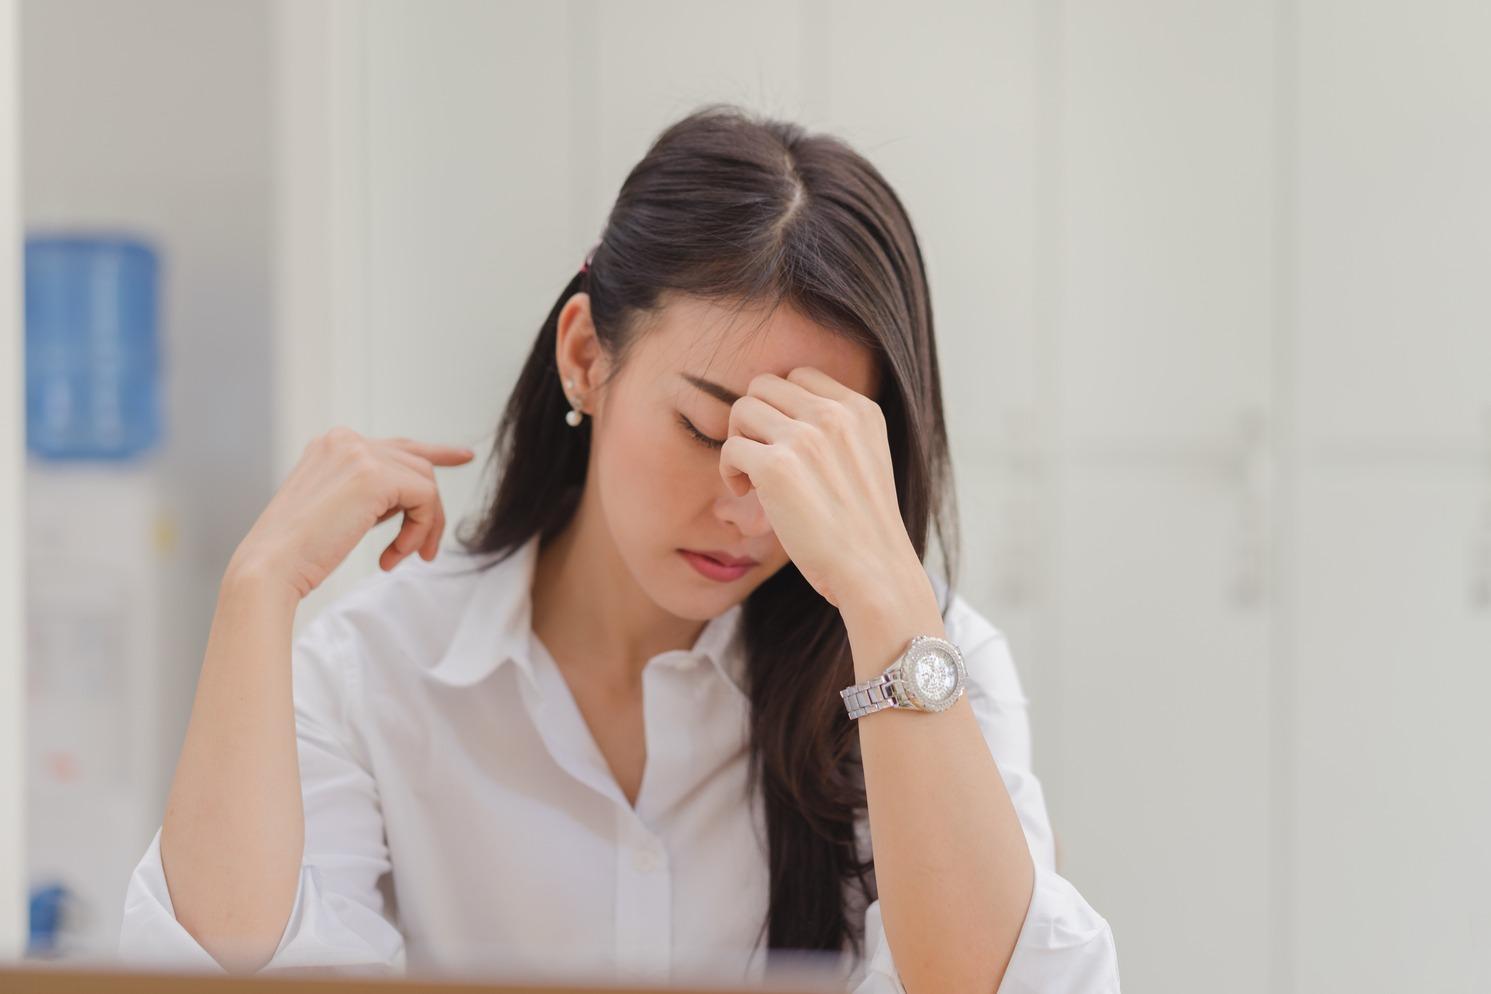 mulher com a mao na cabeca pensando